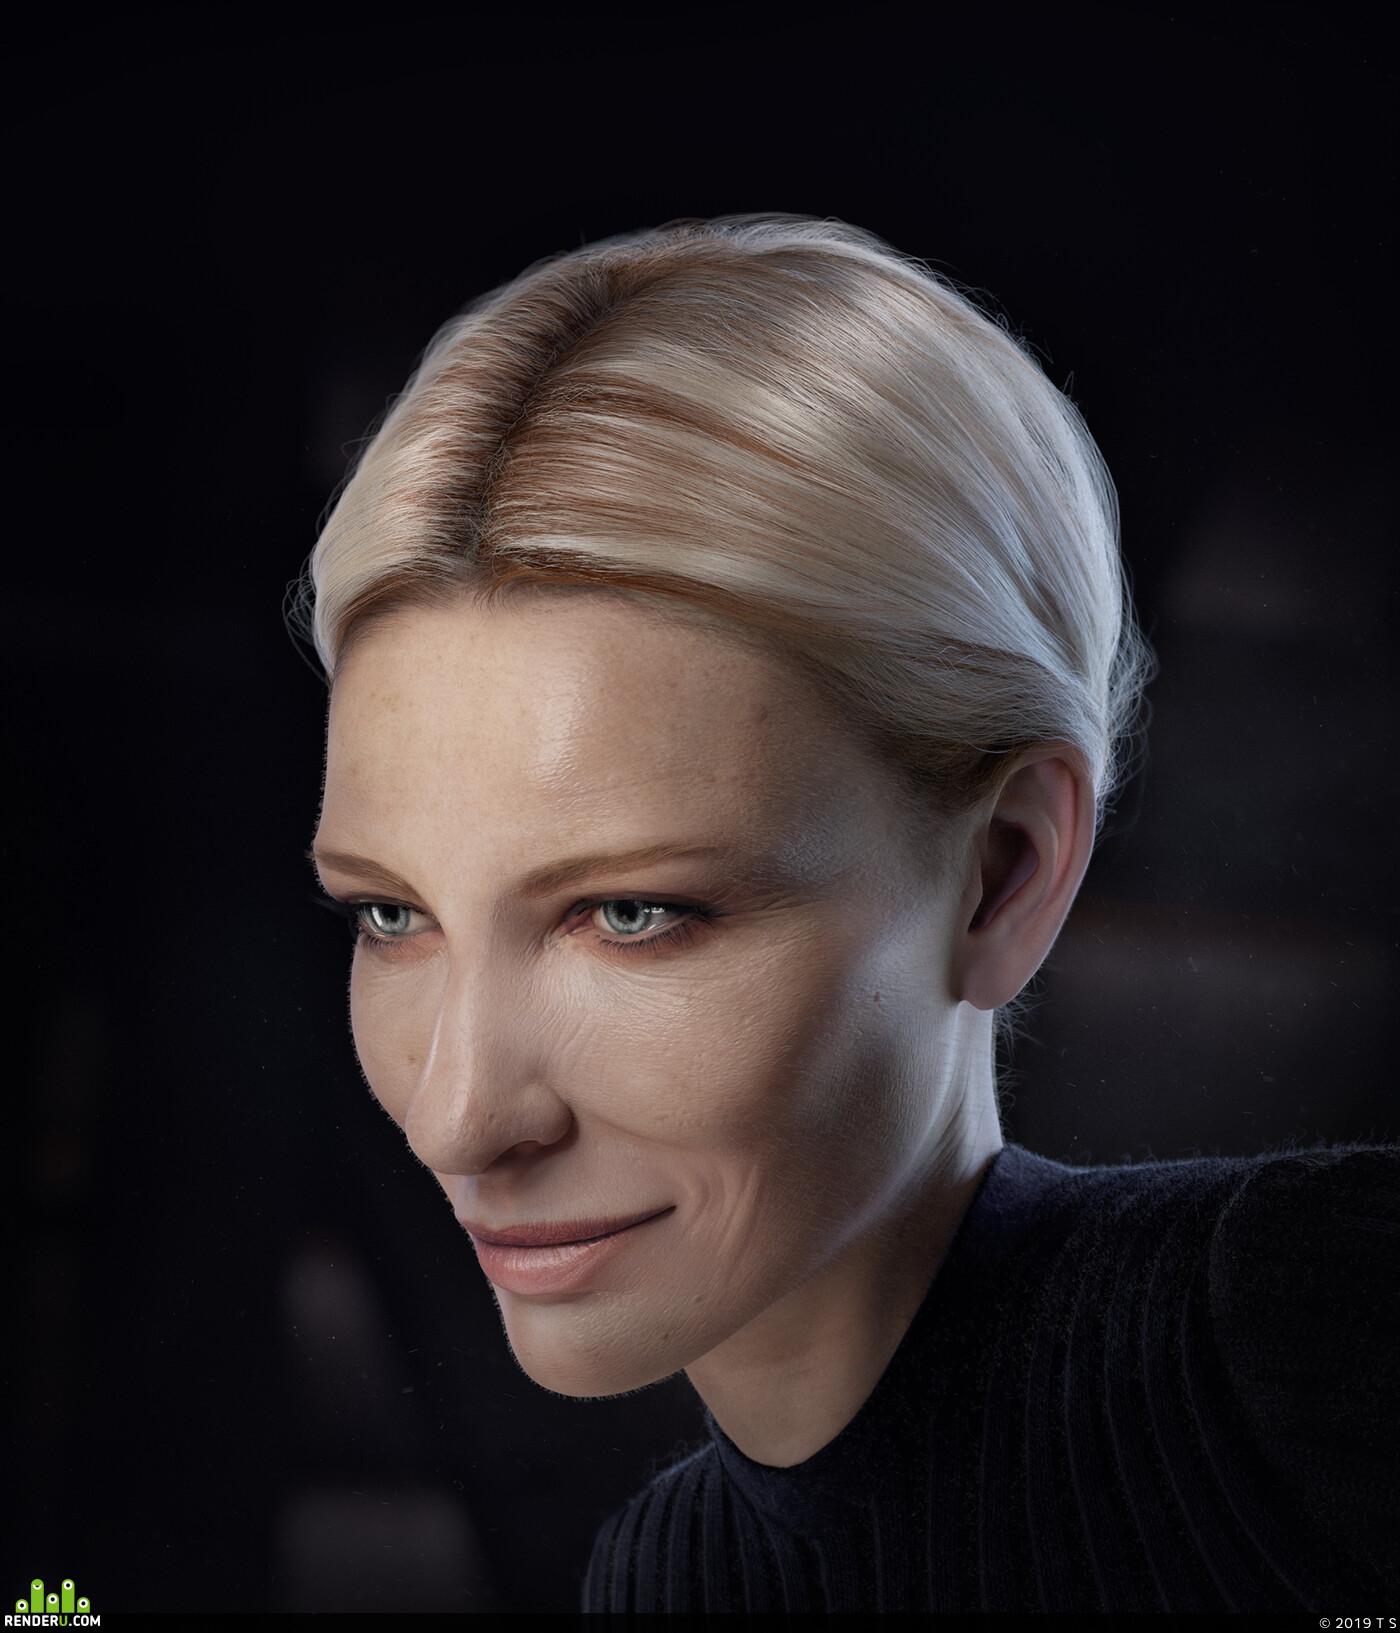 3ds Max, Vray, ZBrush, Mari, Photoshop, Cate Blanchett